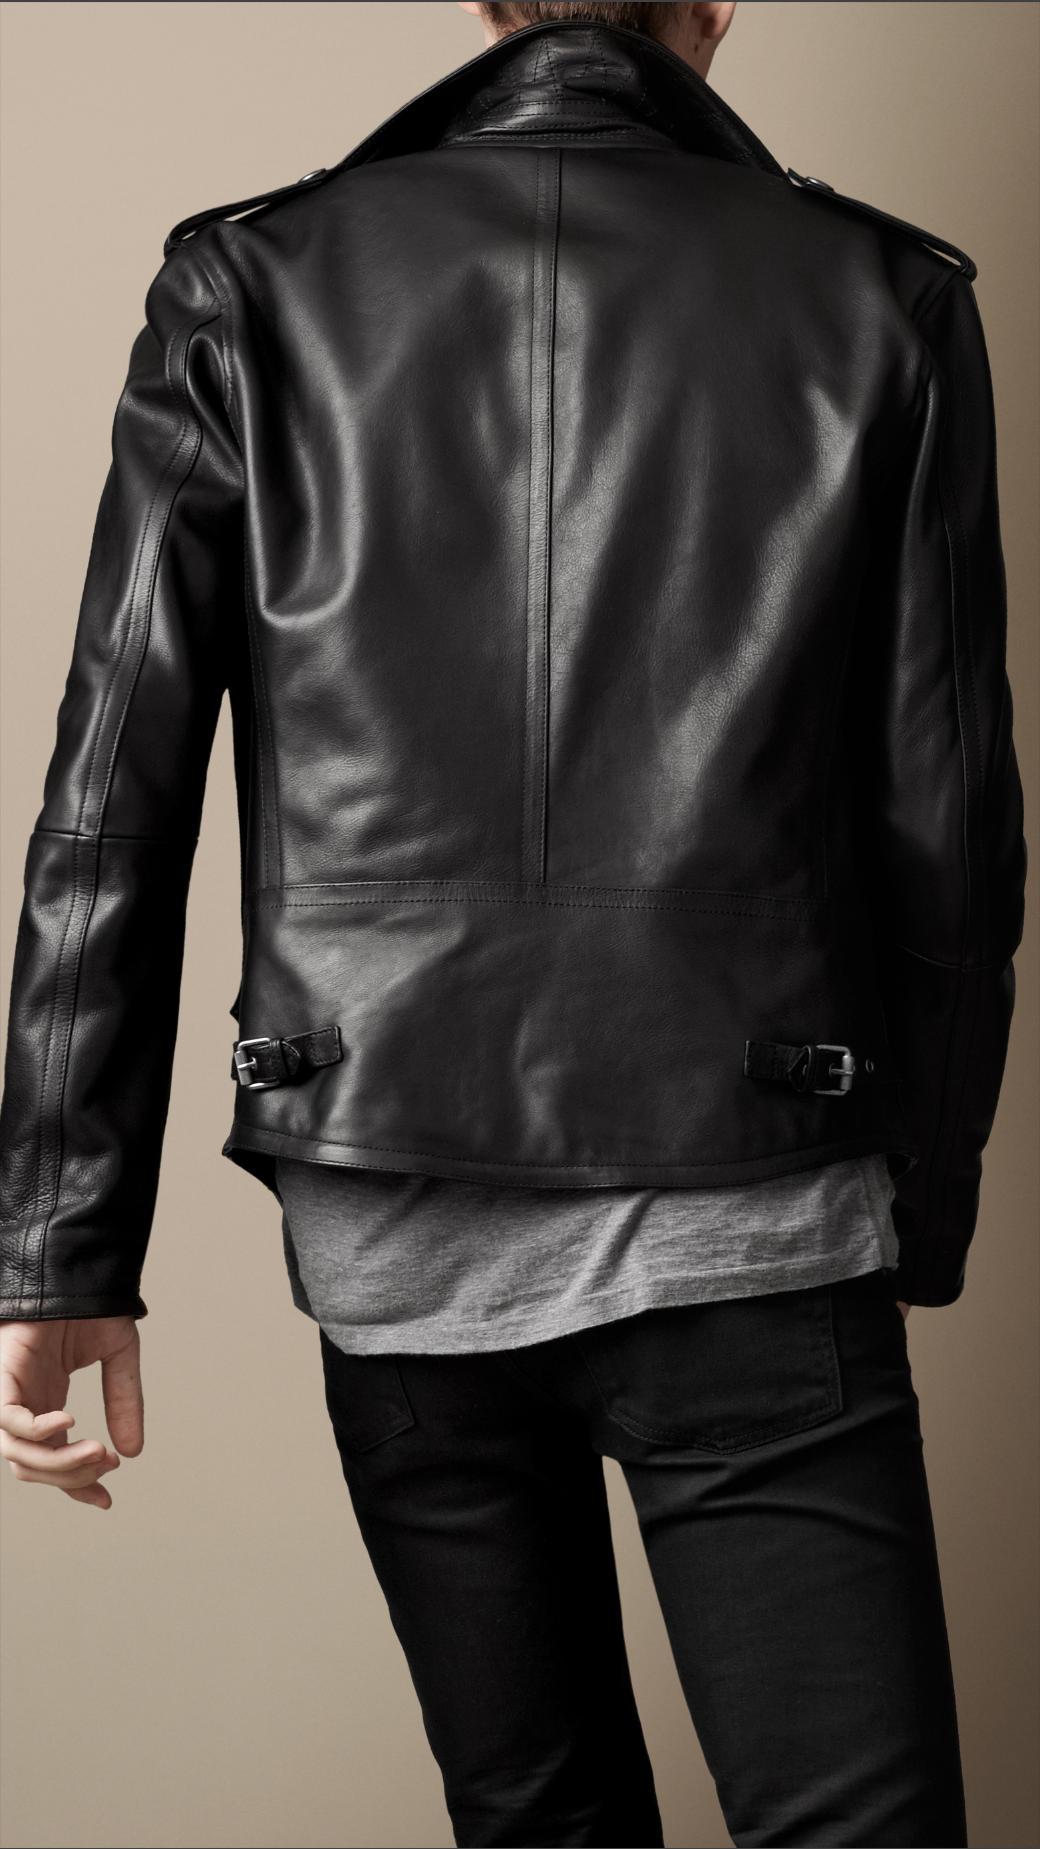 lyst burberry brit leather biker jacket in black for men. Black Bedroom Furniture Sets. Home Design Ideas